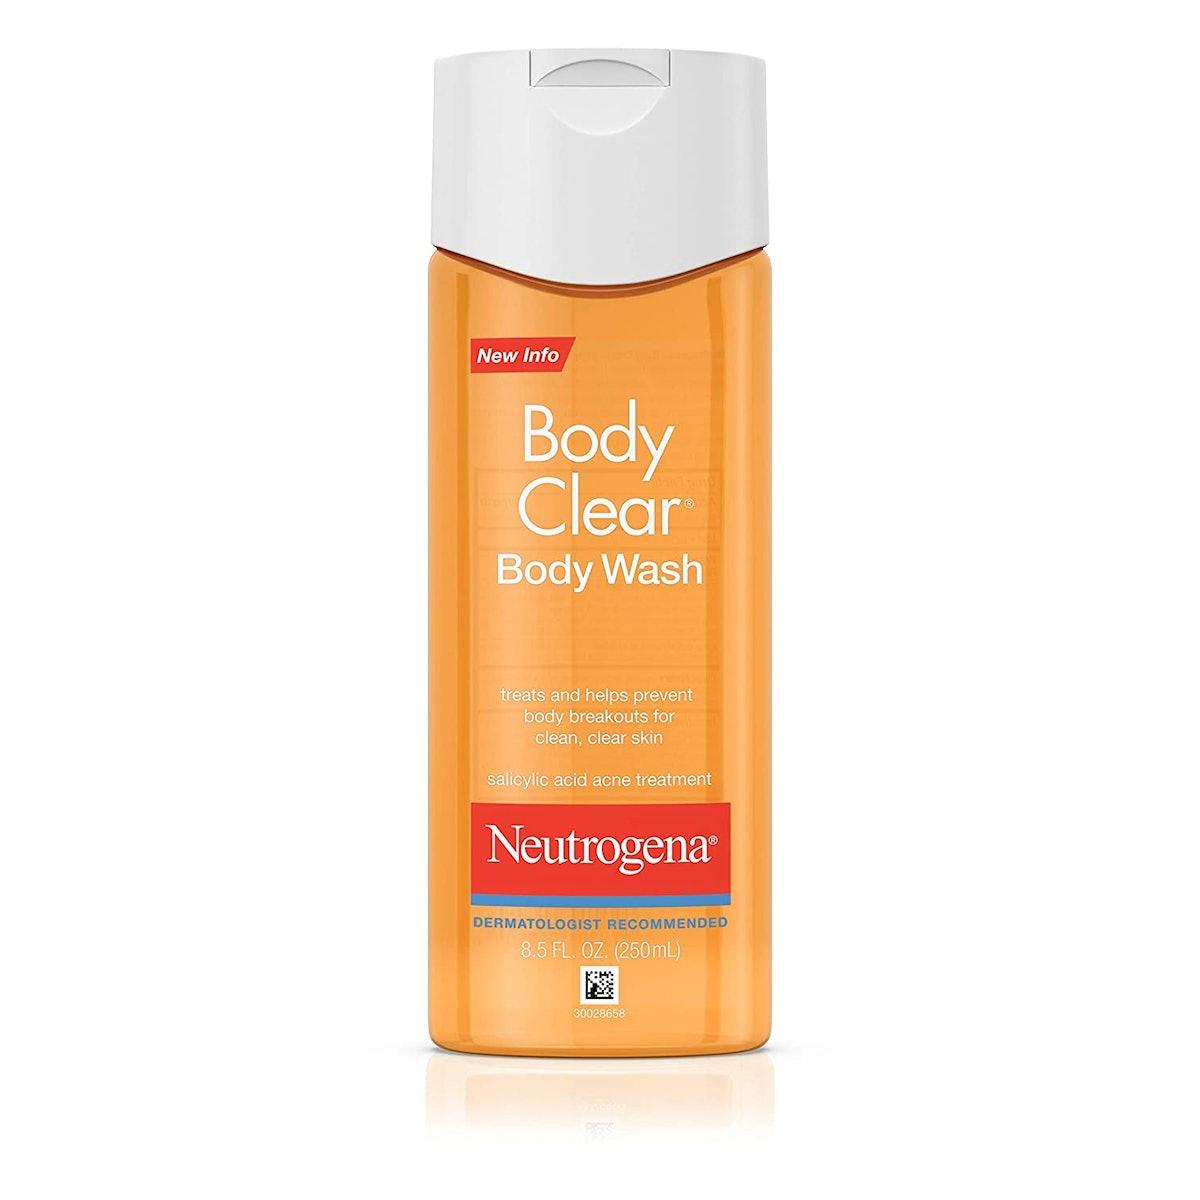 Neutrogena Body Clear Body Wash (3-Pack)